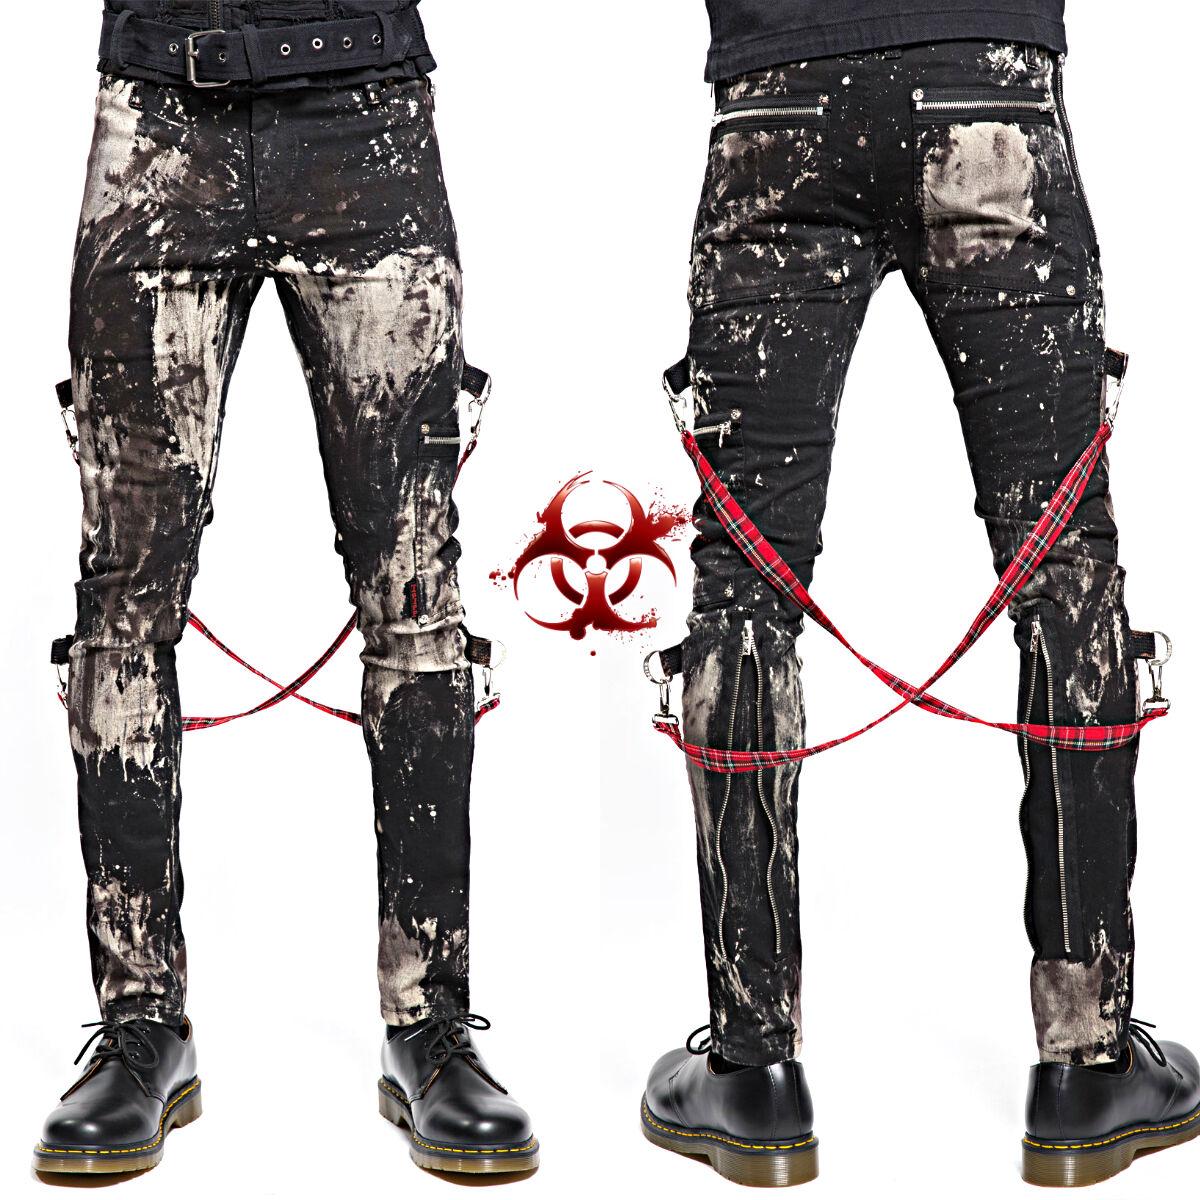 Pantalones para Beb/és Noppies G Pants Jrsy Slim Trumbull